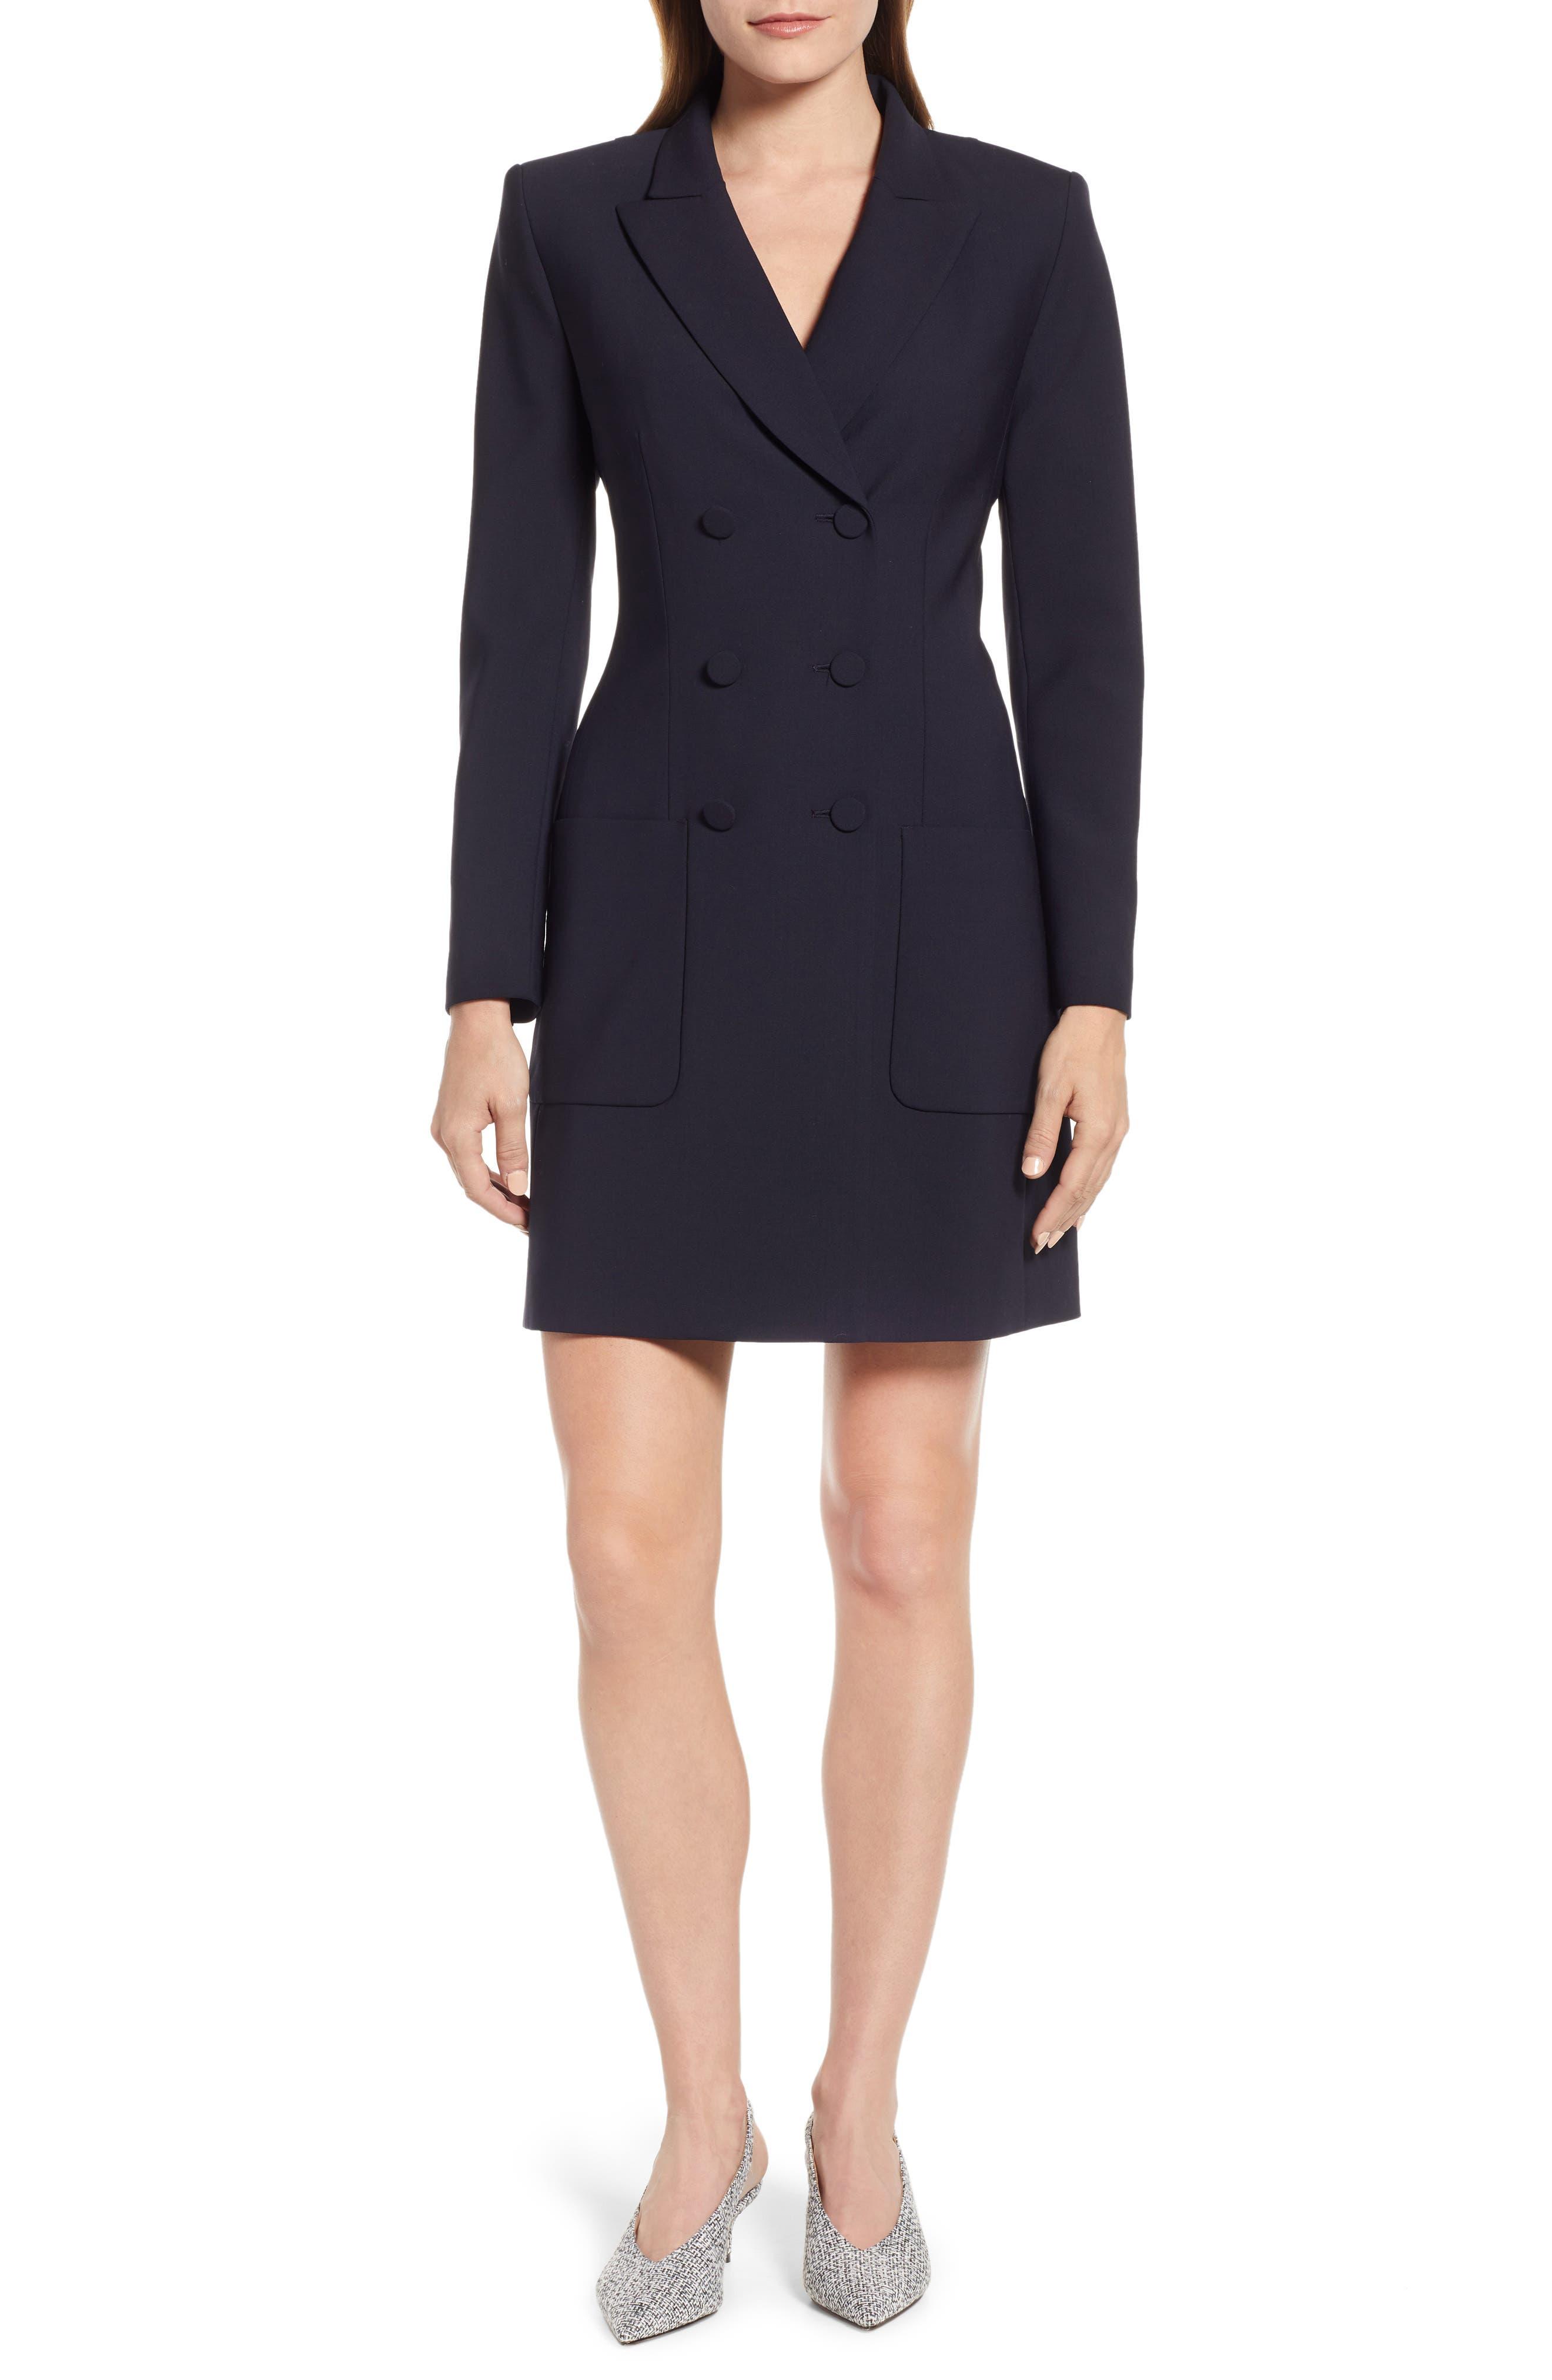 0d01833226f blazer dress